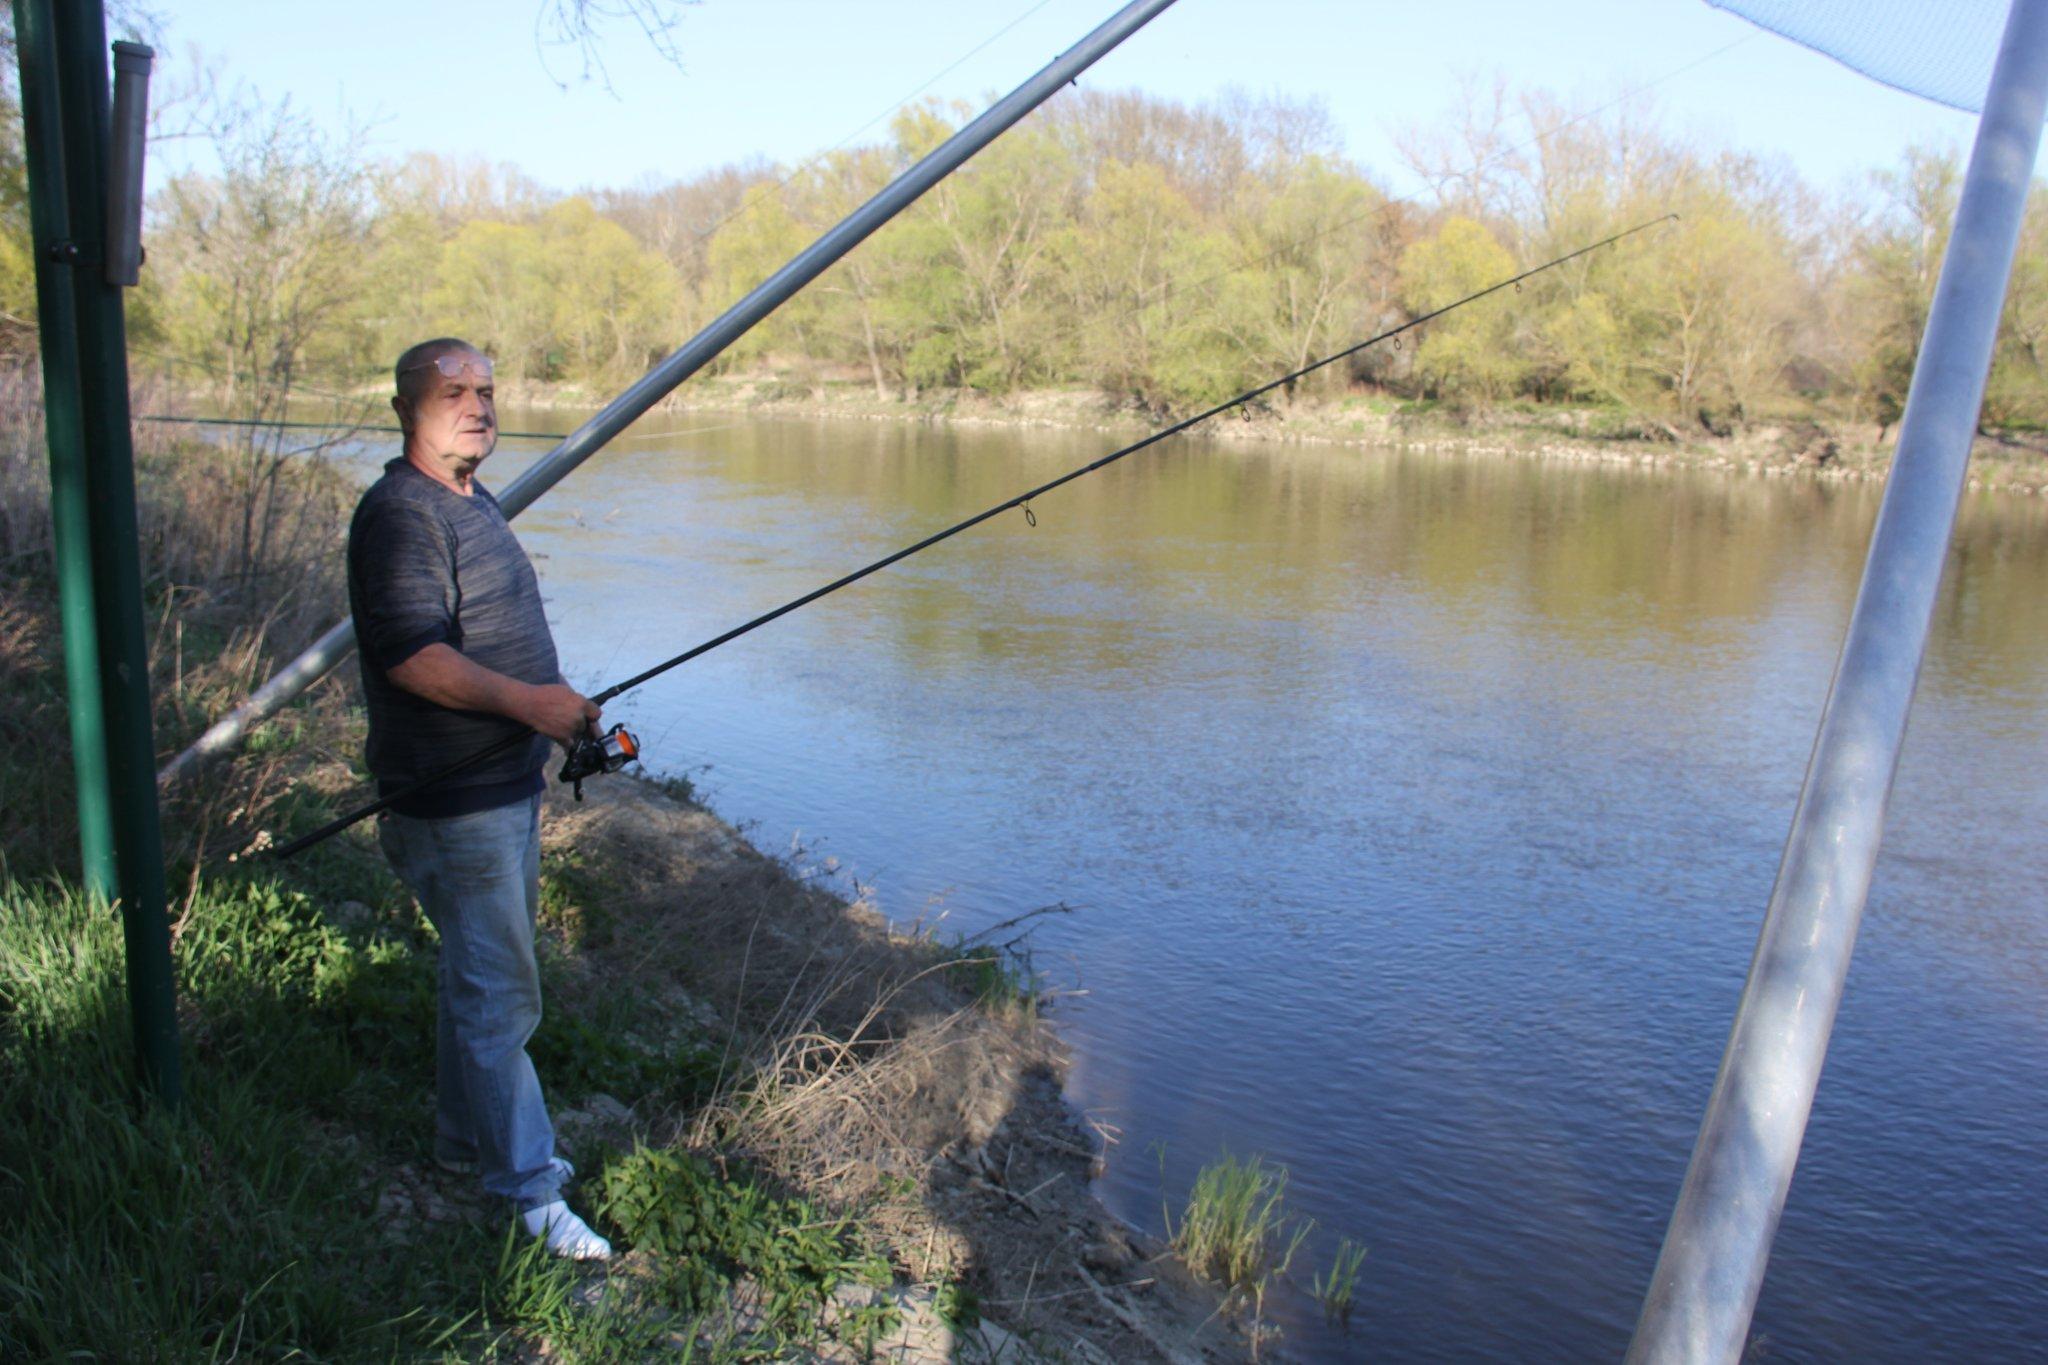 Fischereiverein kümmert sich um Landschaft und Tiere: Viele